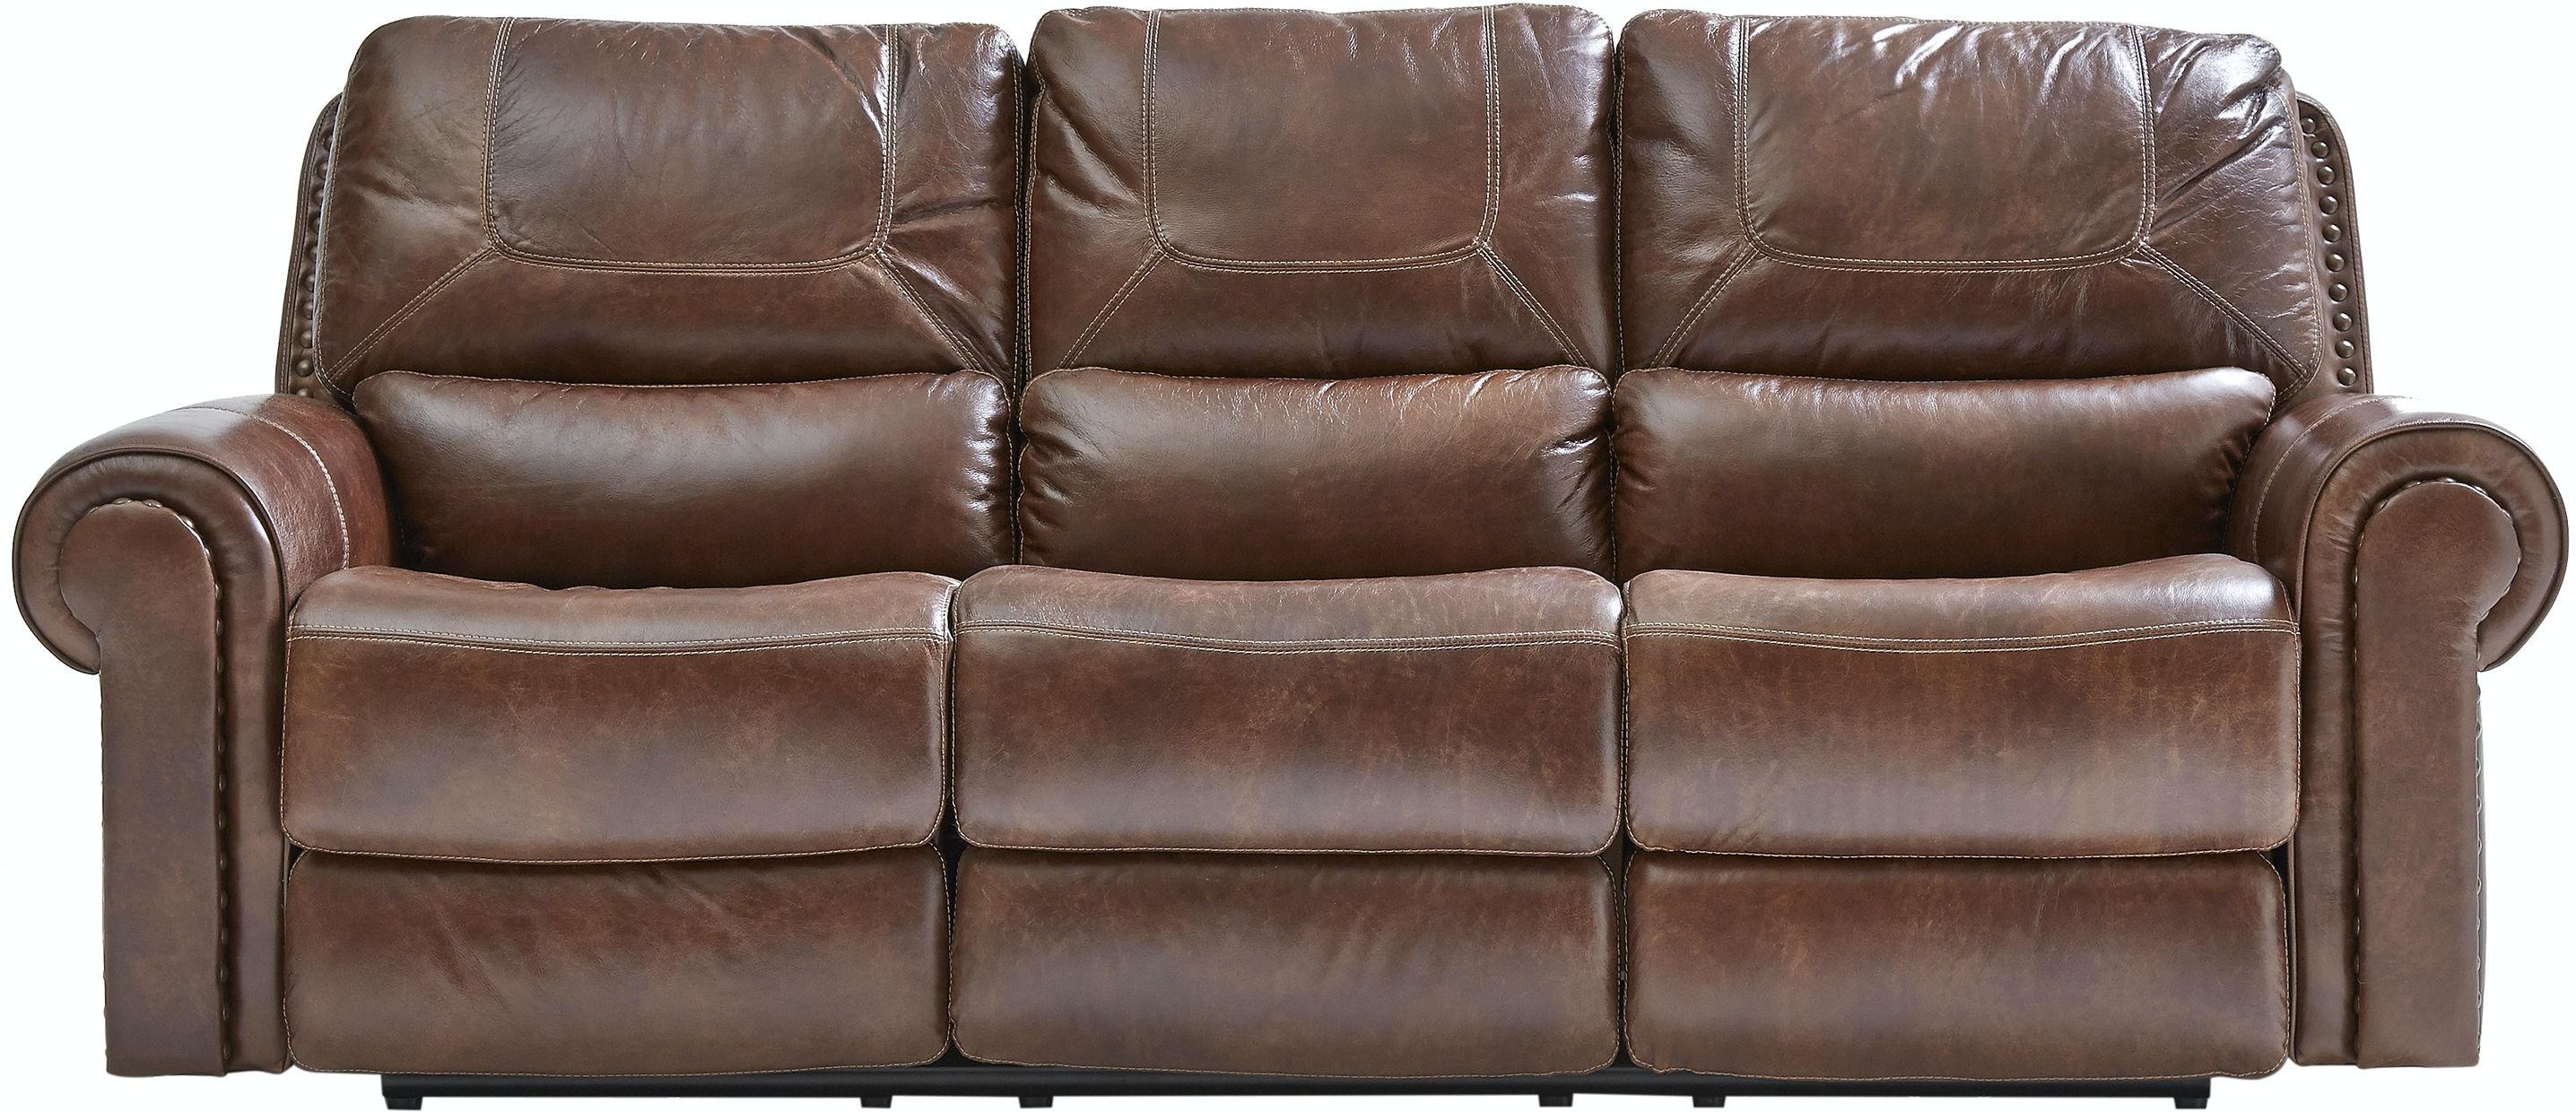 Living Room Sets Houston Tx living room sofas - star furniture tx - houston, texas